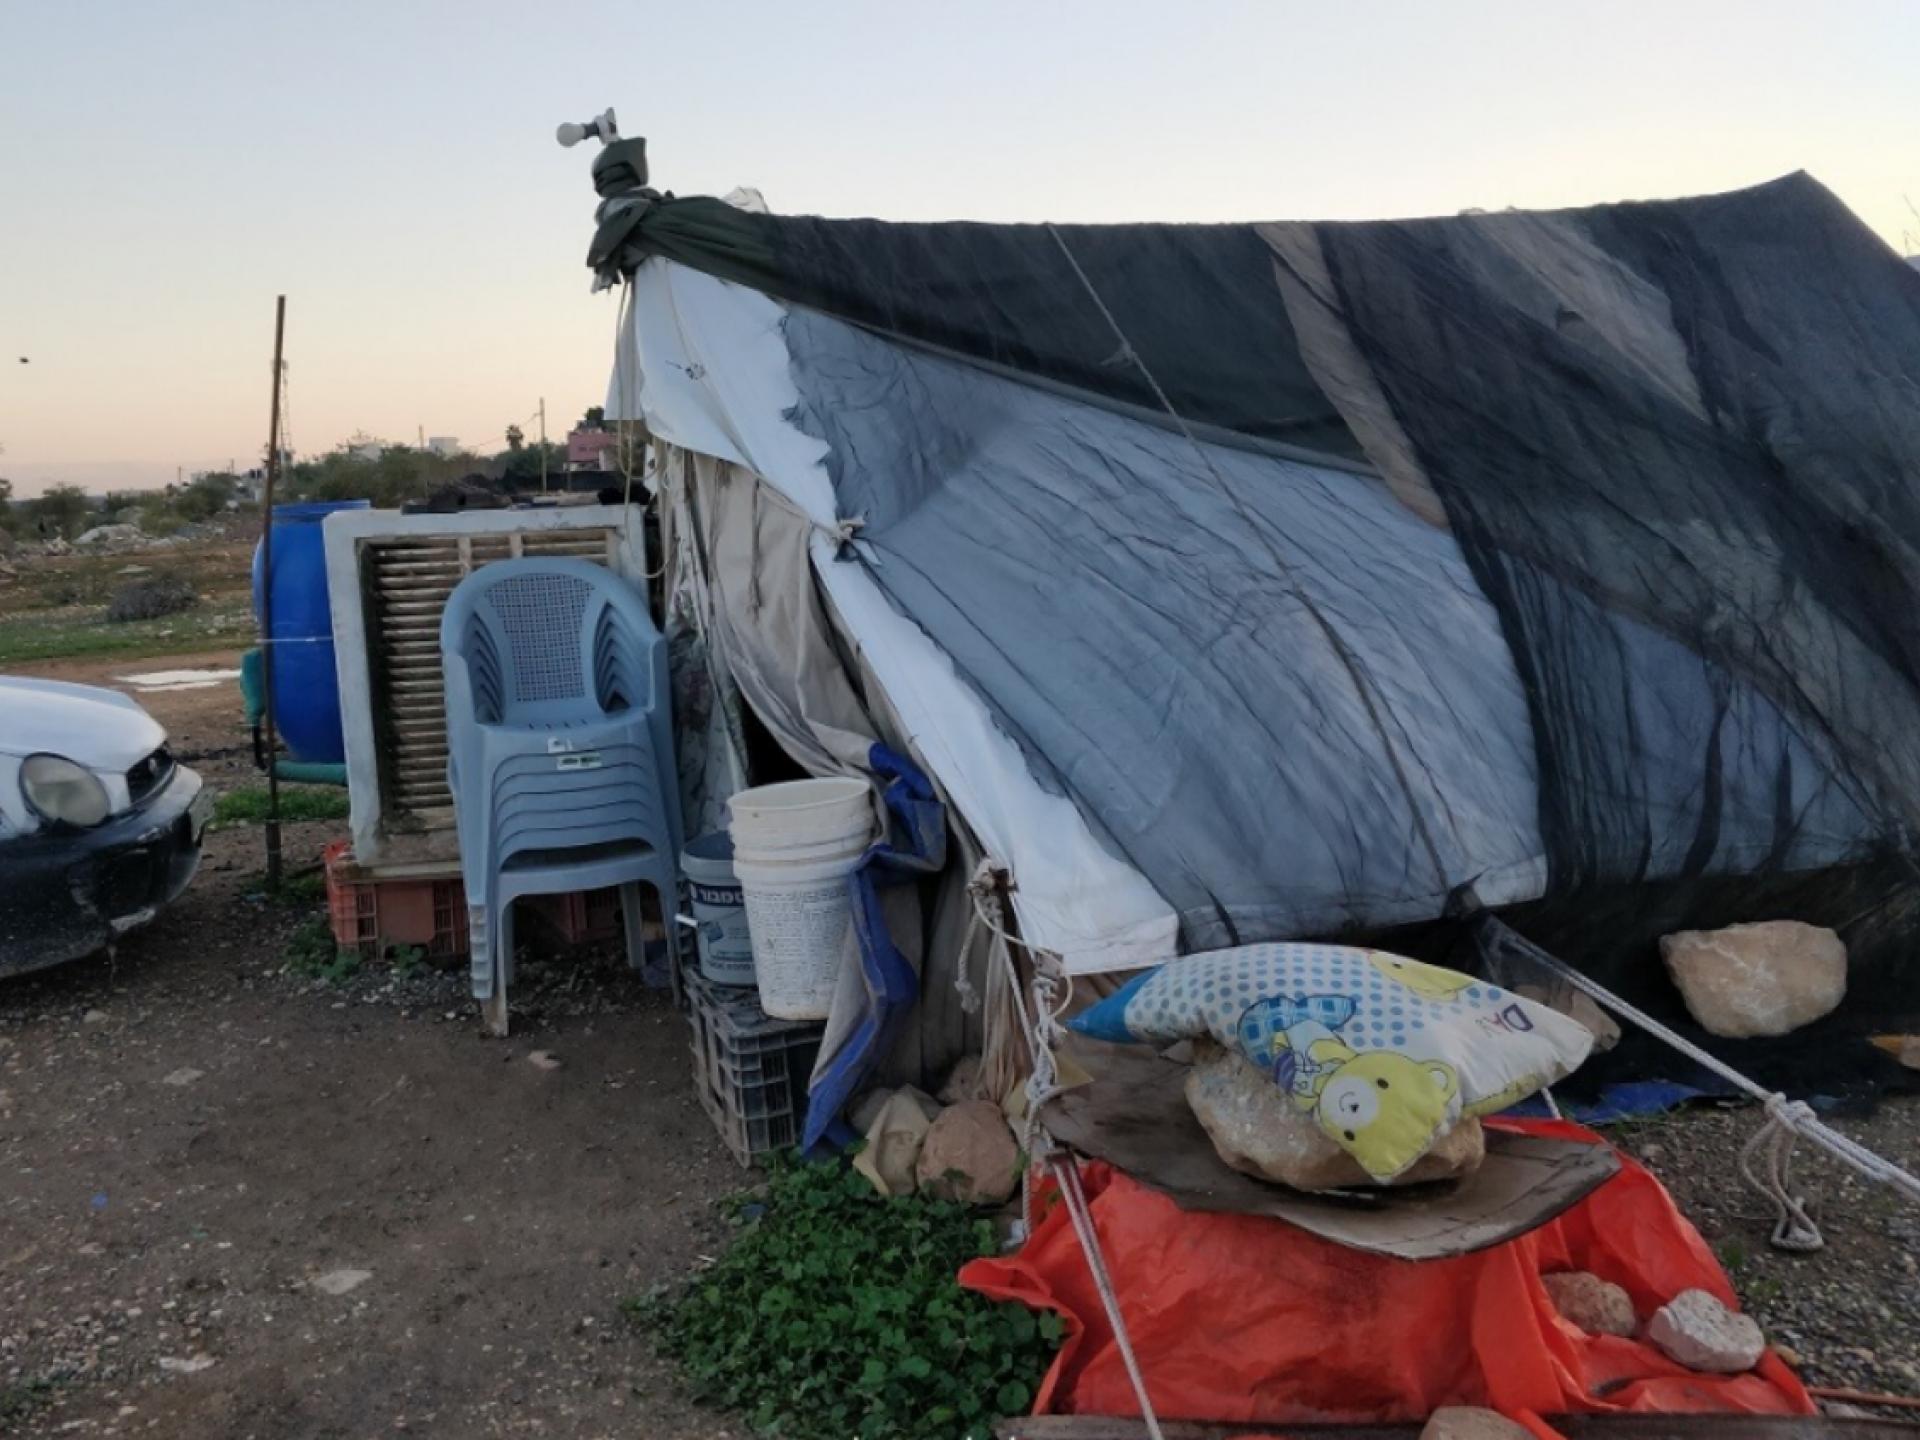 רואים אוהל עשוי מטלאים של ניילונים ושמיכות קרועות